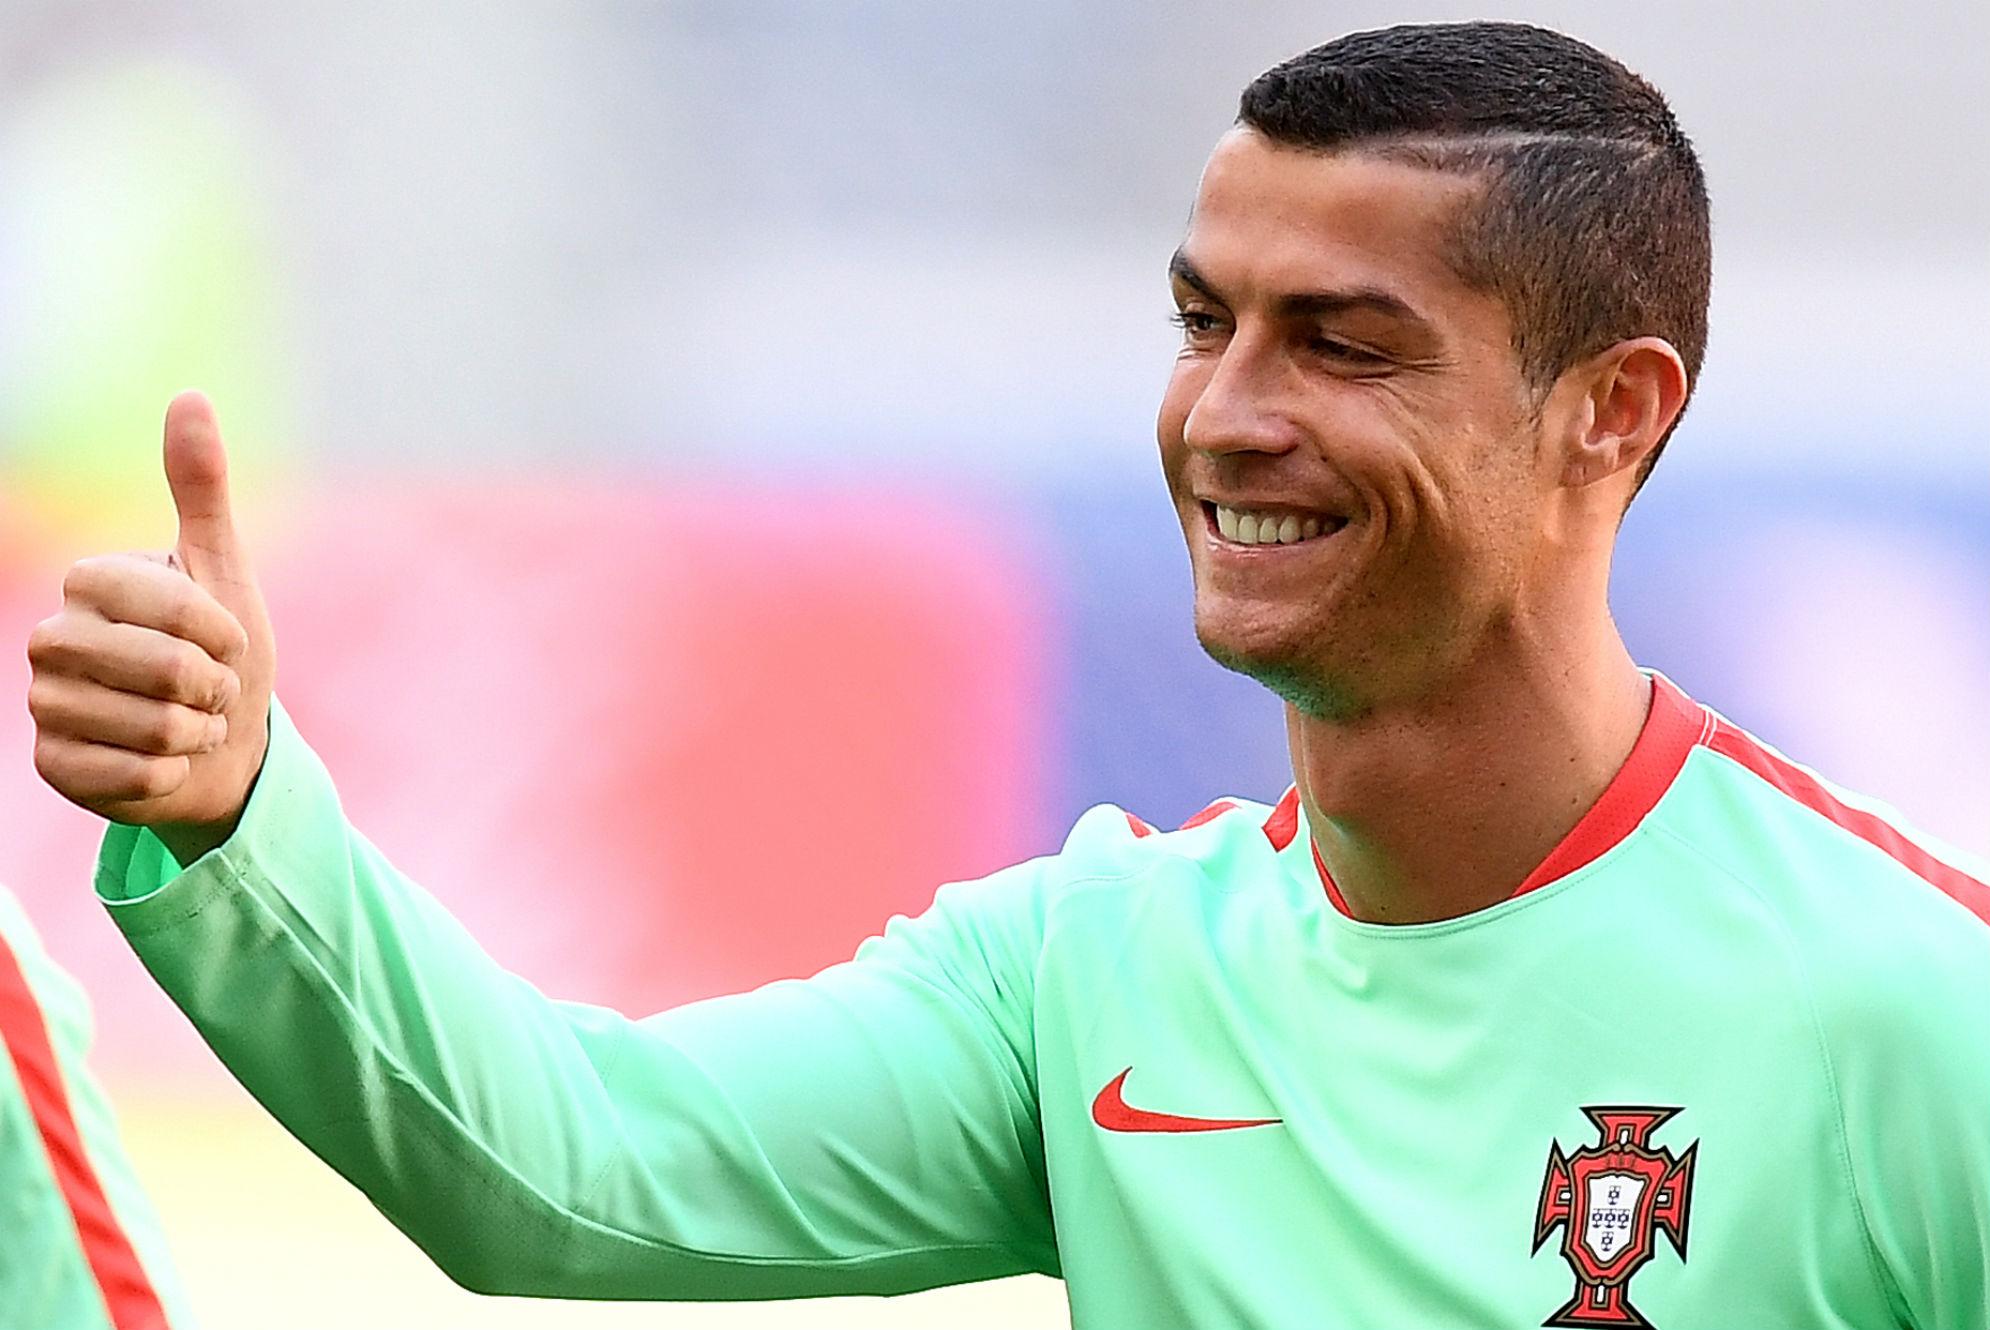 Calciomercato Milan, battuta con Mendes: chieste informazioni su Cristiano Ronaldo